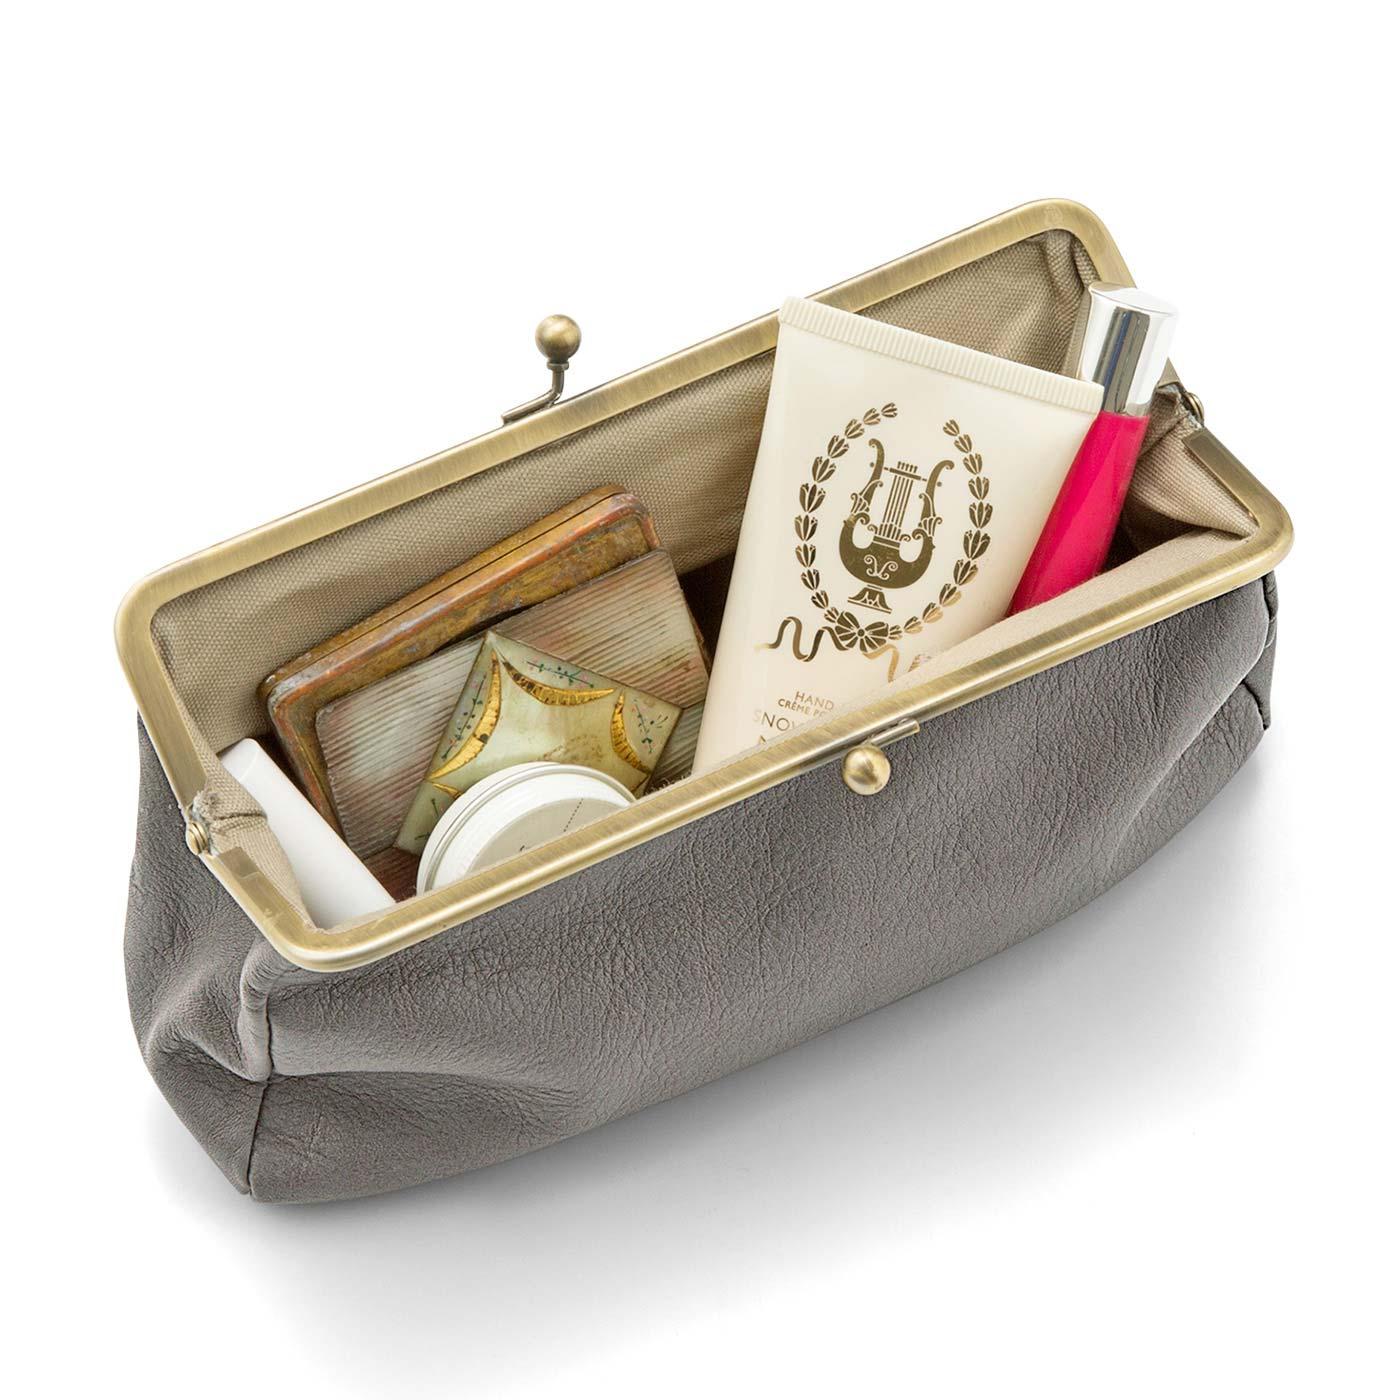 ペンや筆記用具、コスメ用など使い方いろいろ。お札や小銭、スマートフォンなどを入れて、休憩やランチにも。